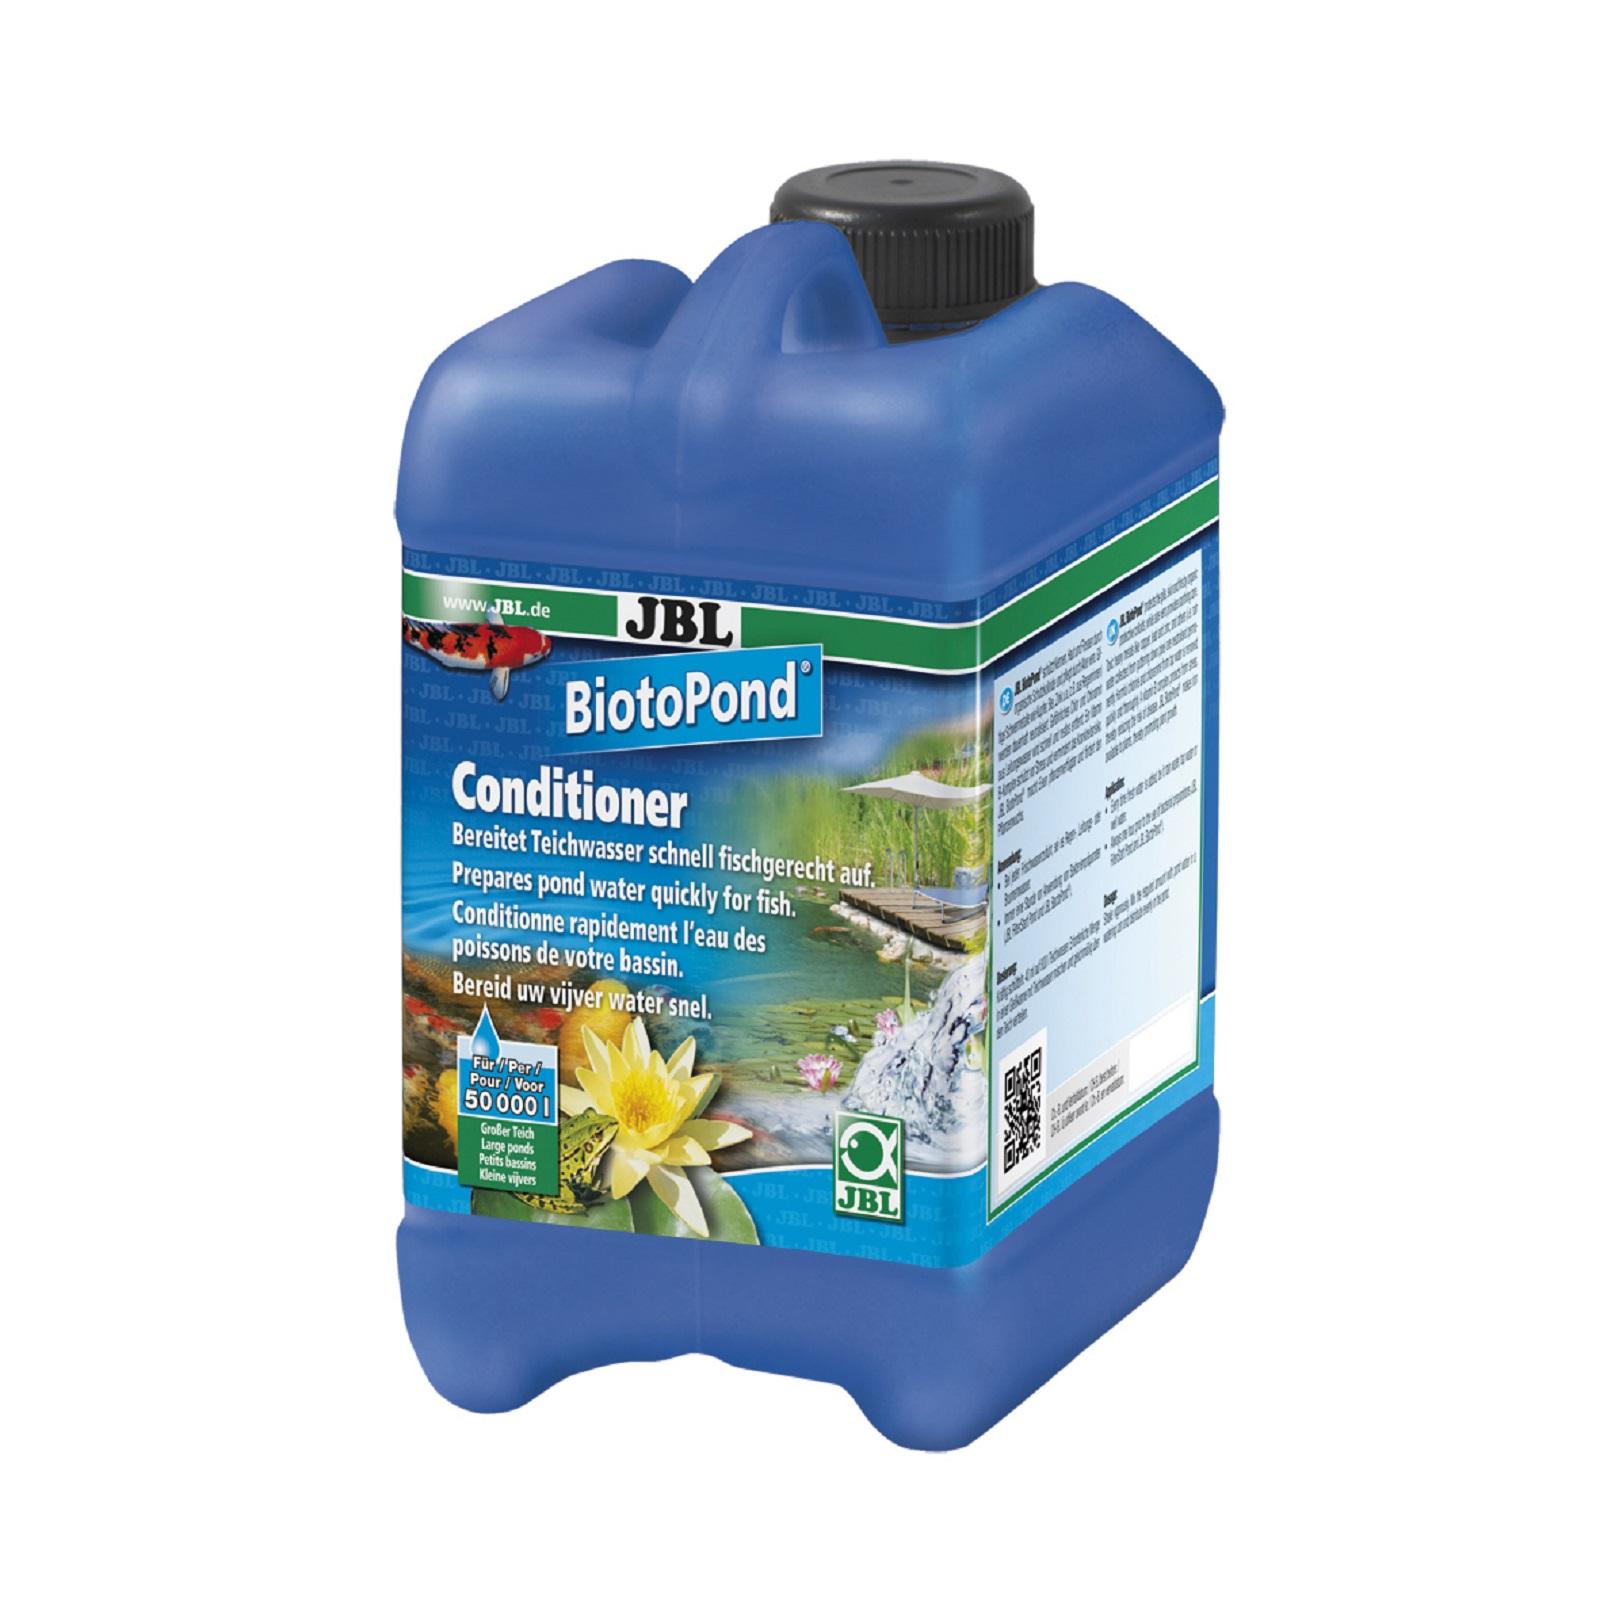 JBL BiotoPond 2,5 l Wasseraufbereitung f. Teich Aufbereitung Teichwasser